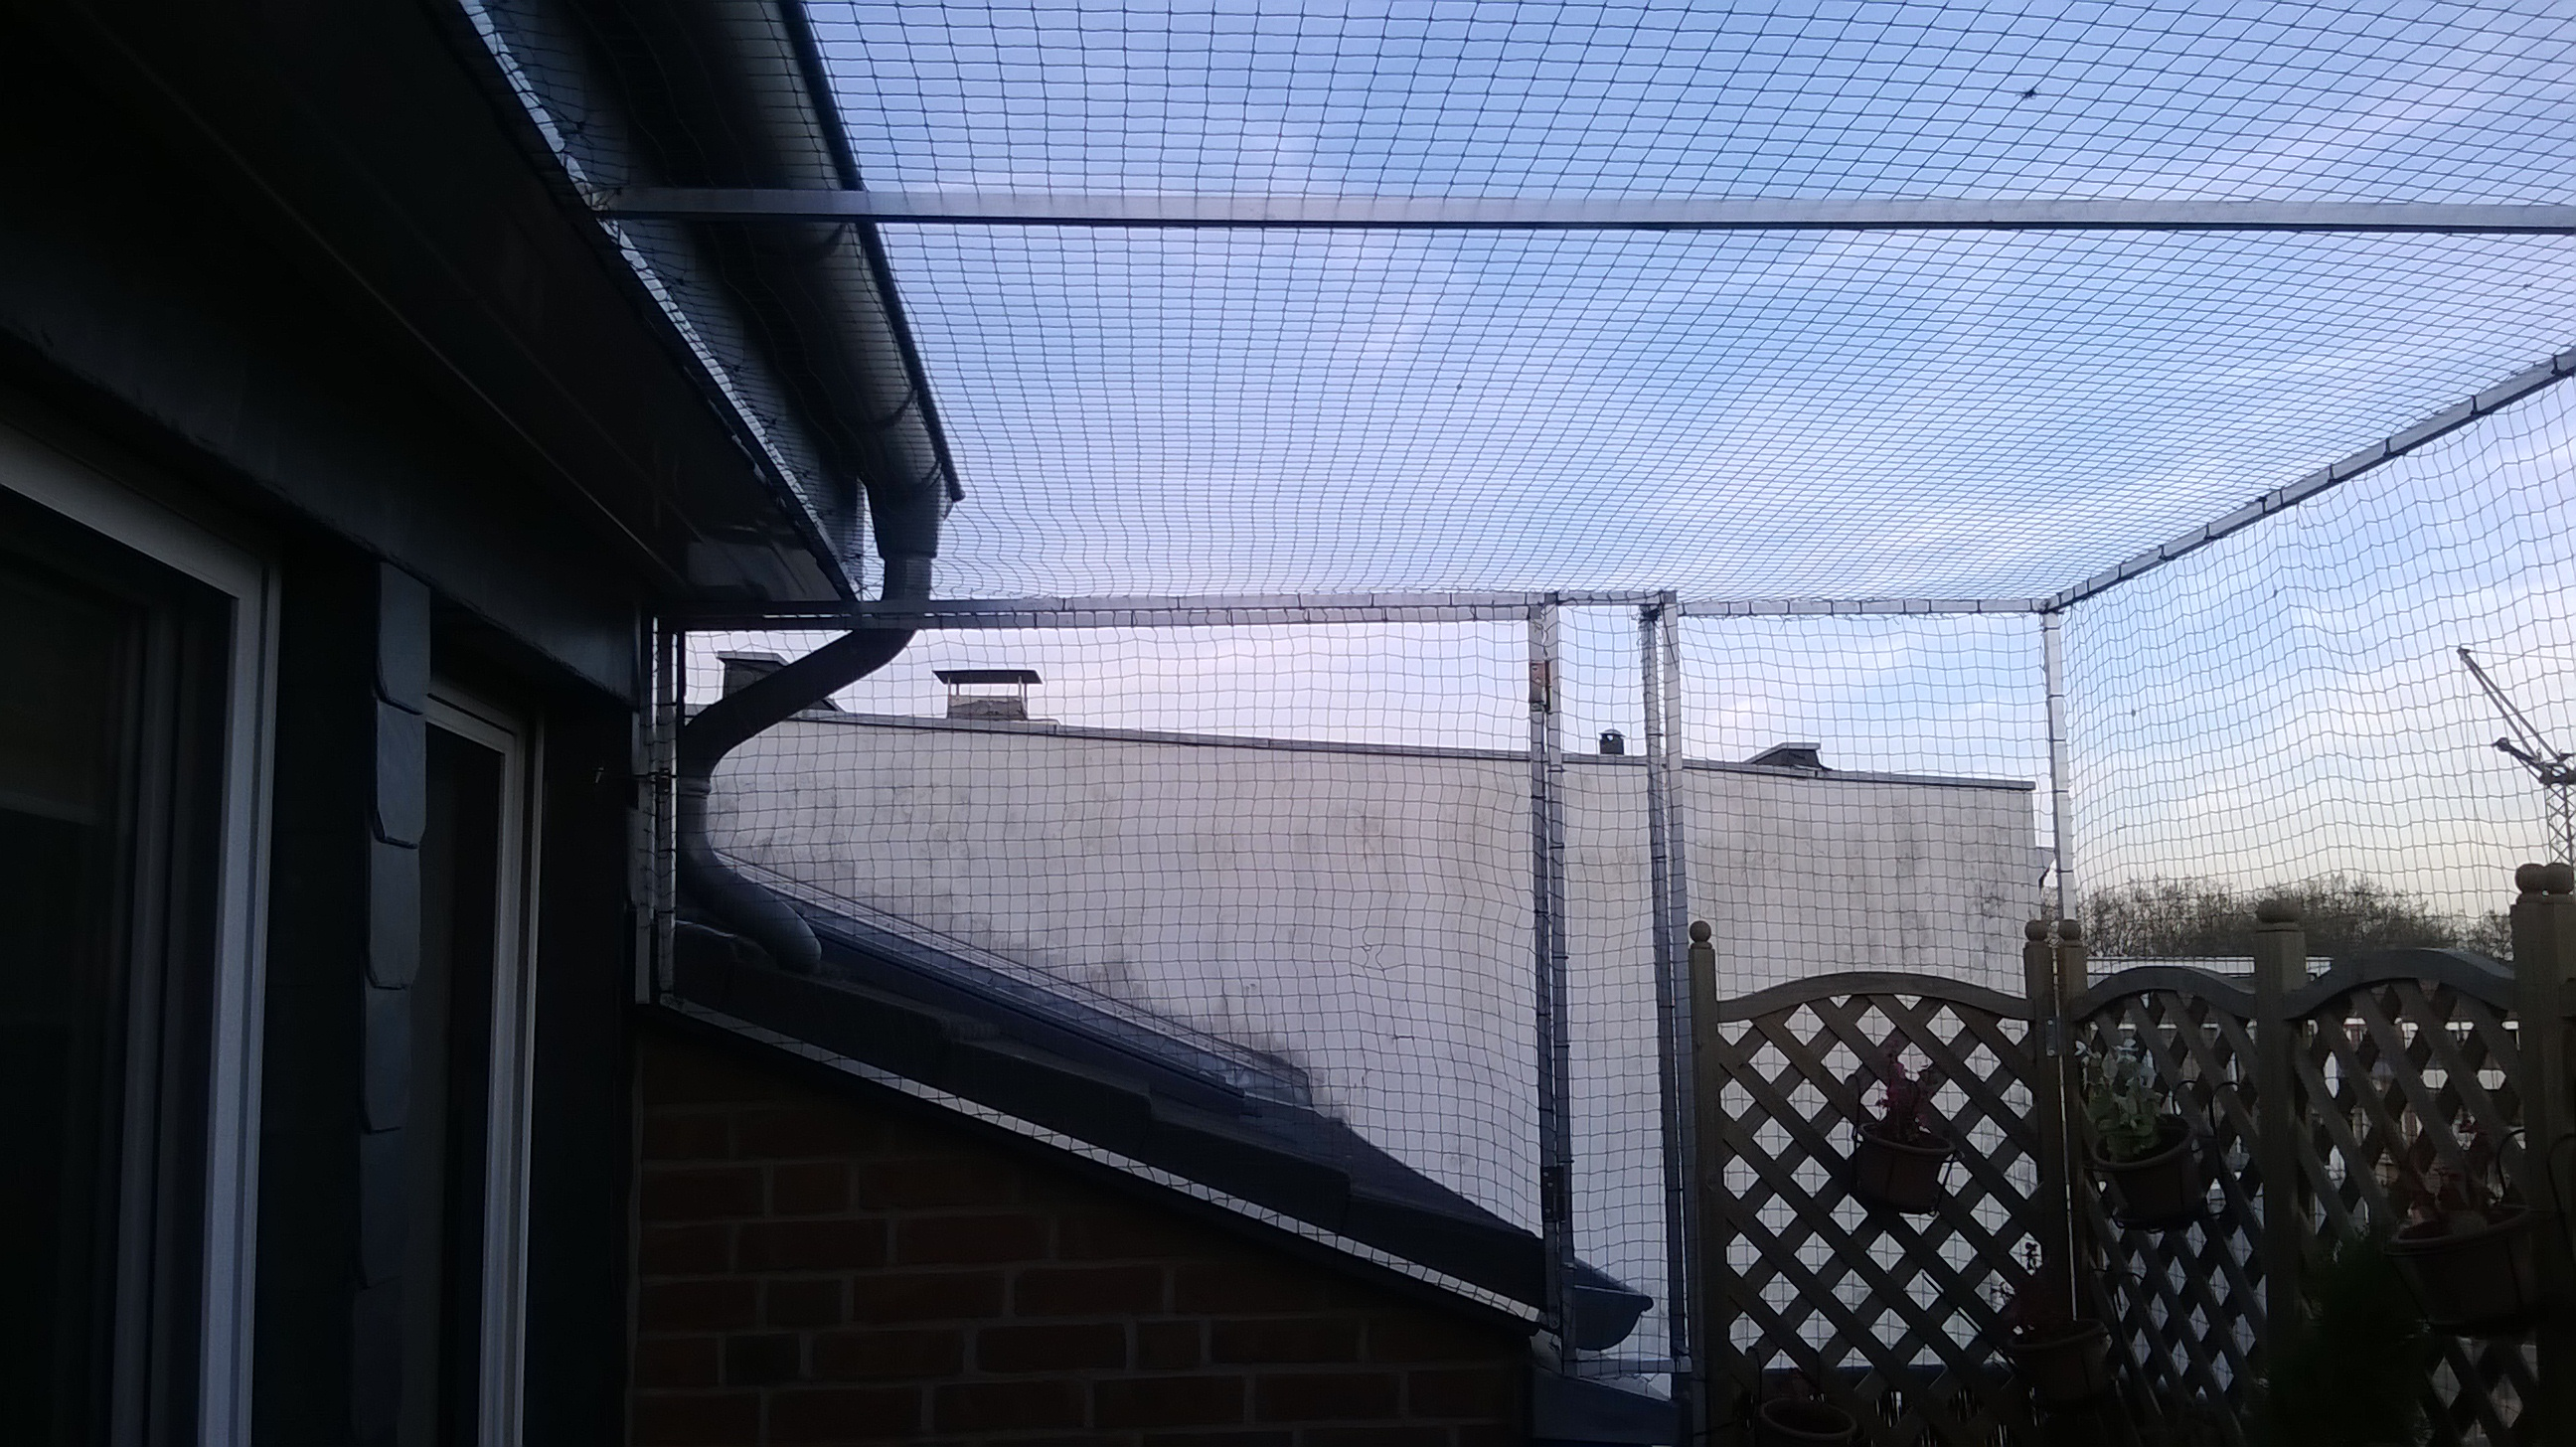 katzennetz zum ffnen auf dachterrasse in langenfeld katzennetze nrw der katzennetz profi. Black Bedroom Furniture Sets. Home Design Ideas